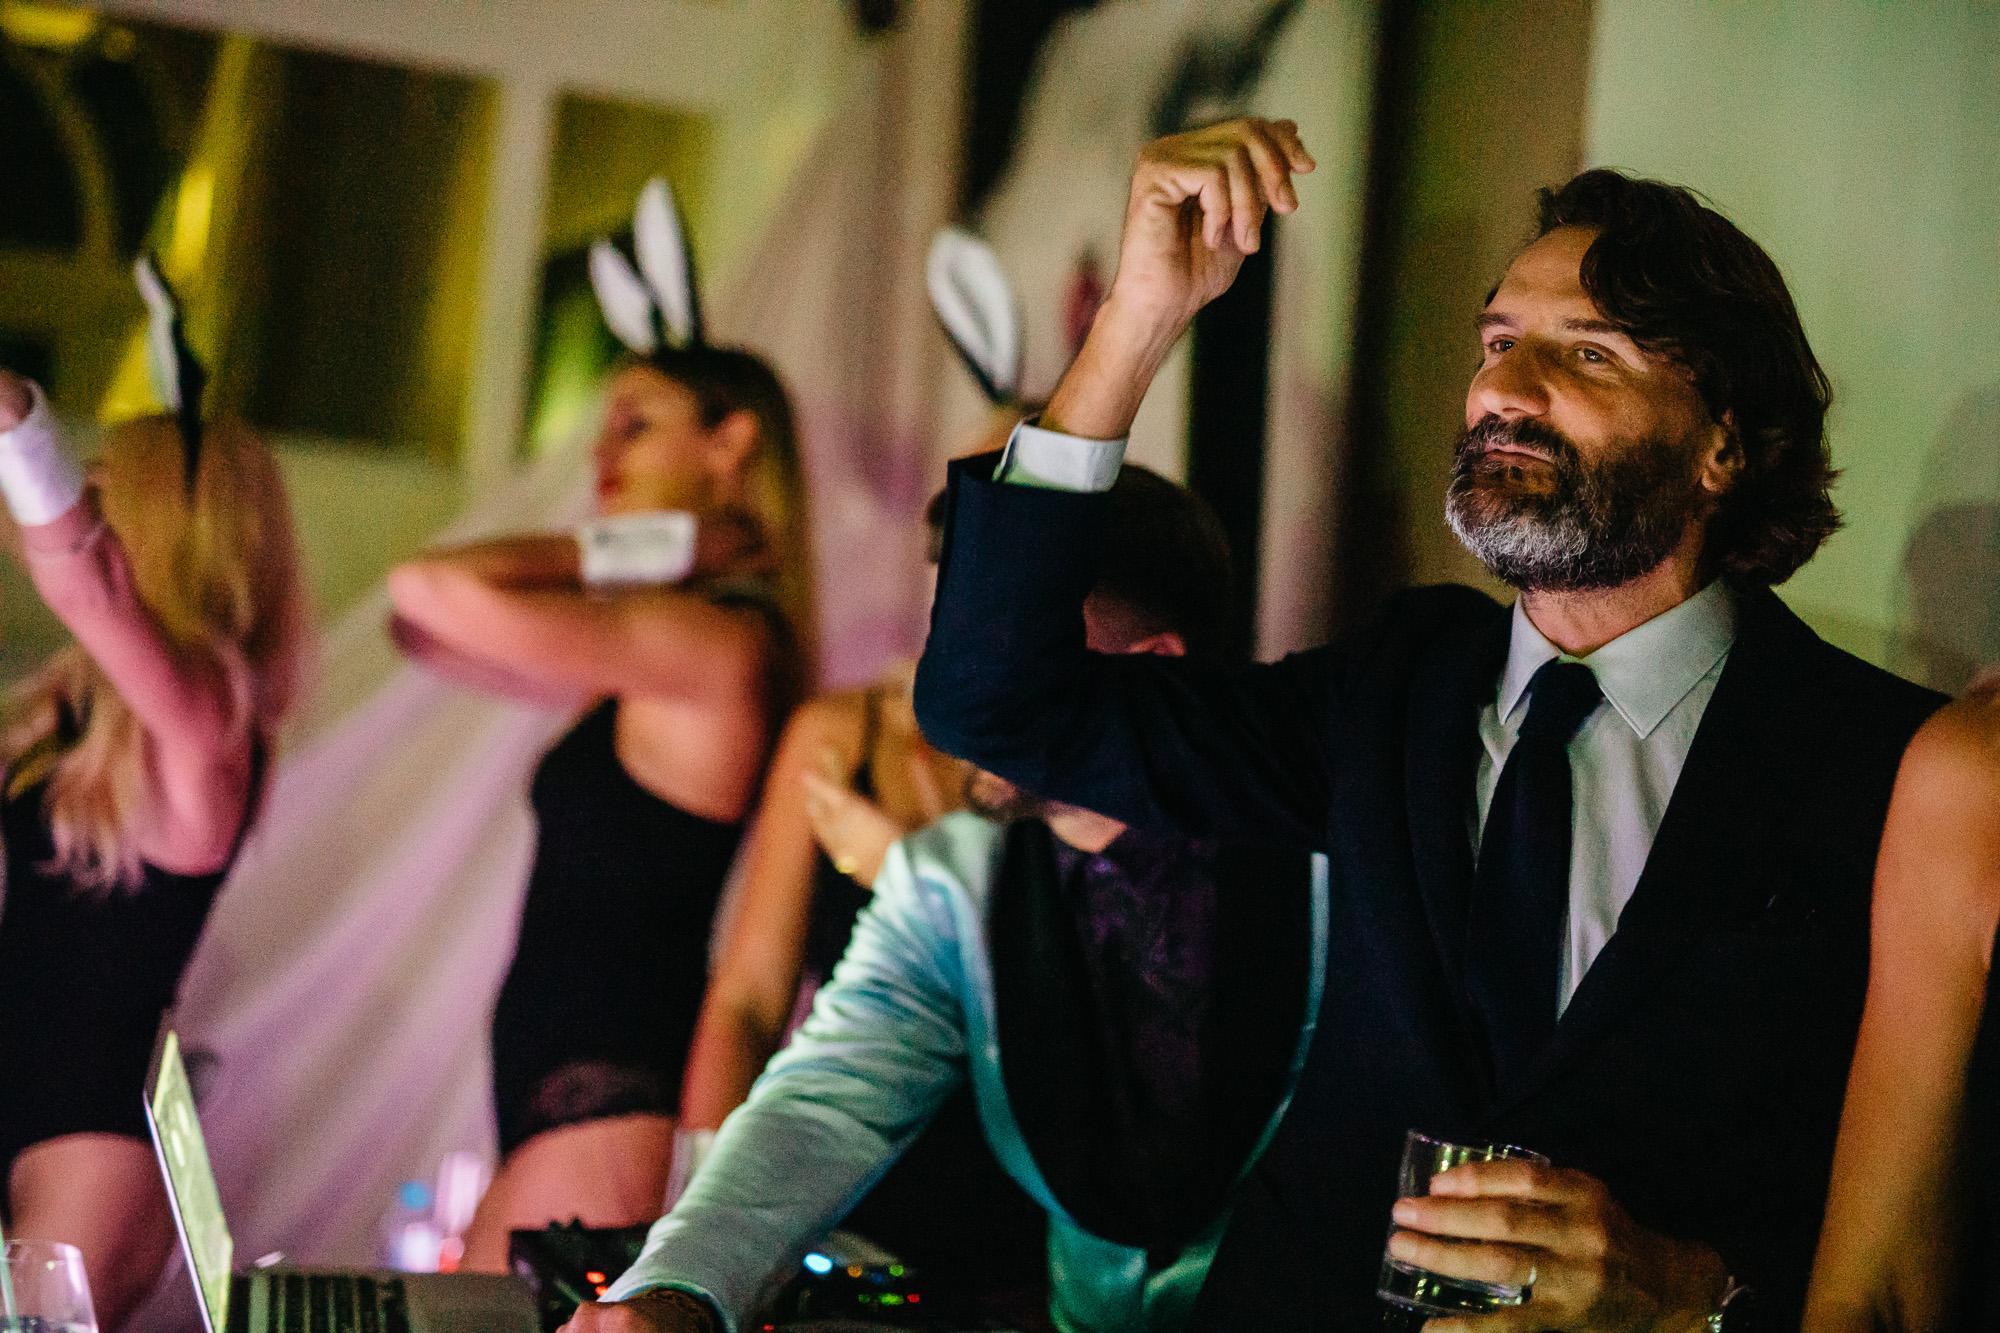 Frédéric Beigbeder, rider de la sémantique - Playboy Private Party High Five Festival Impérail Palace Annecy @HFF